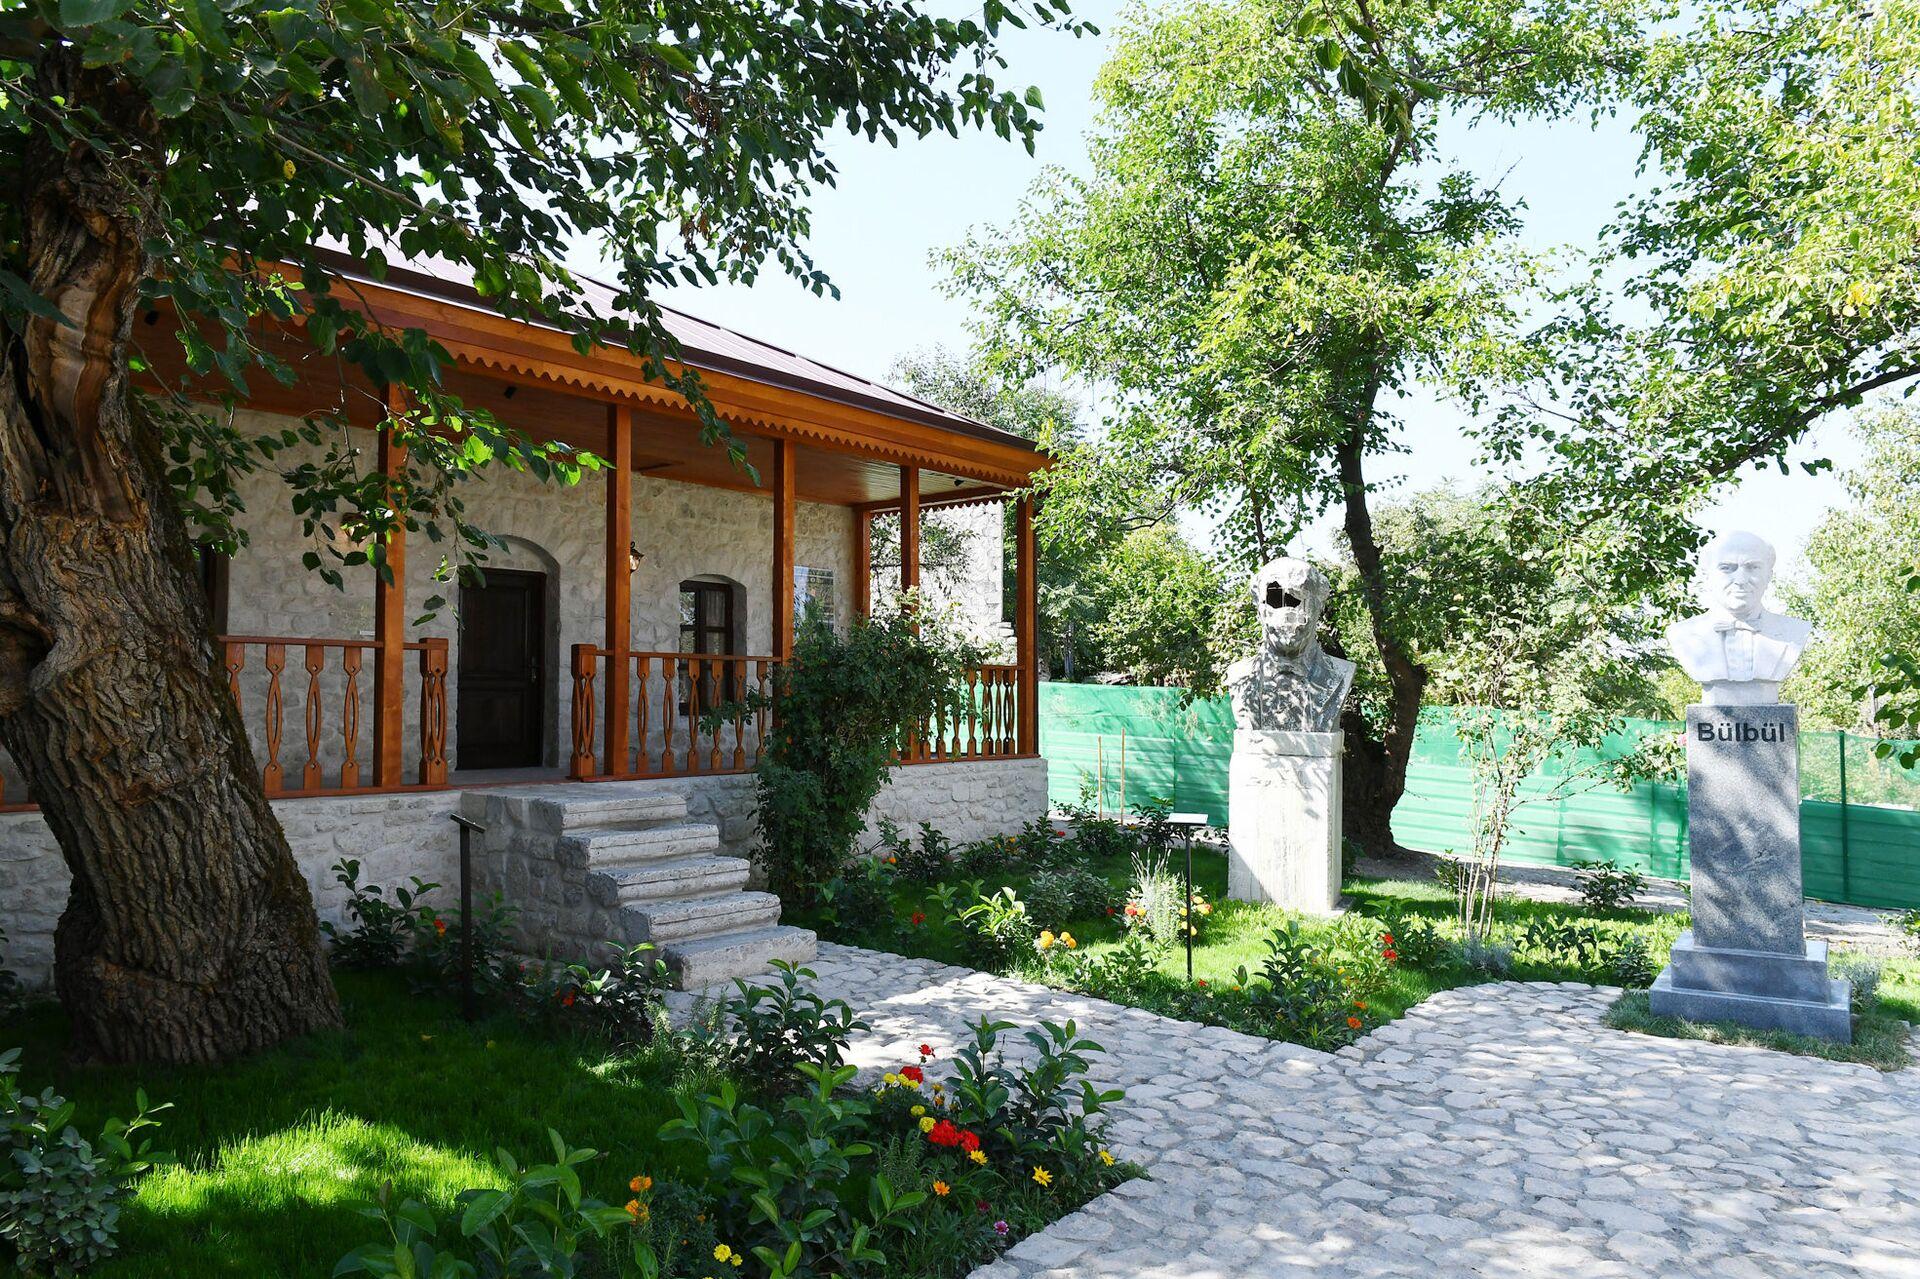 Şuşada Bülbülün ev-muzeyi - Sputnik Azərbaycan, 1920, 01.10.2021